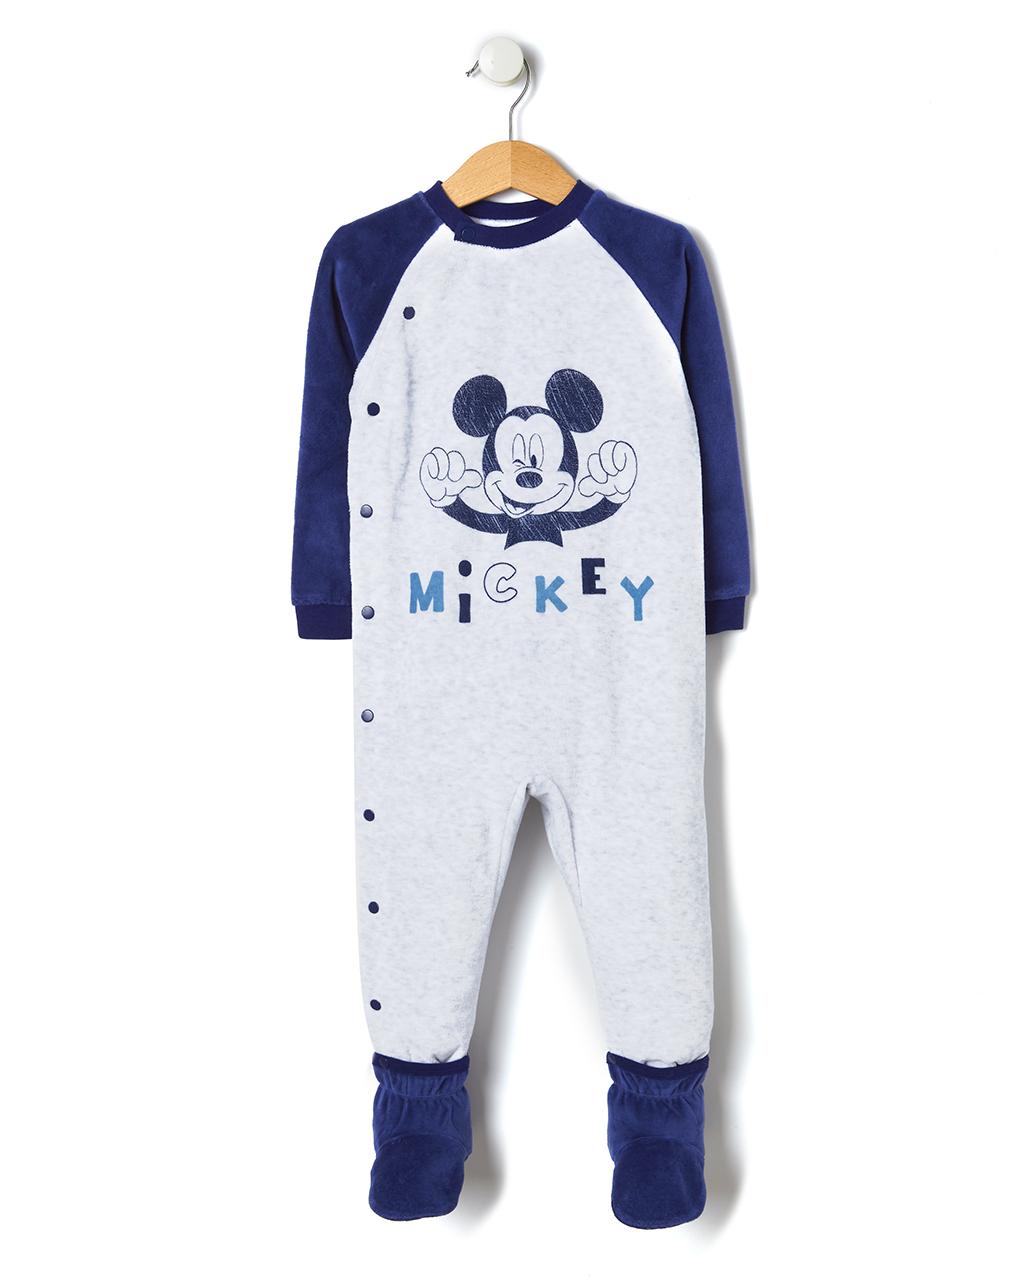 Πιτζαμάκι Σενίλ για Αγόρι με στάμπα Mickey Mouse